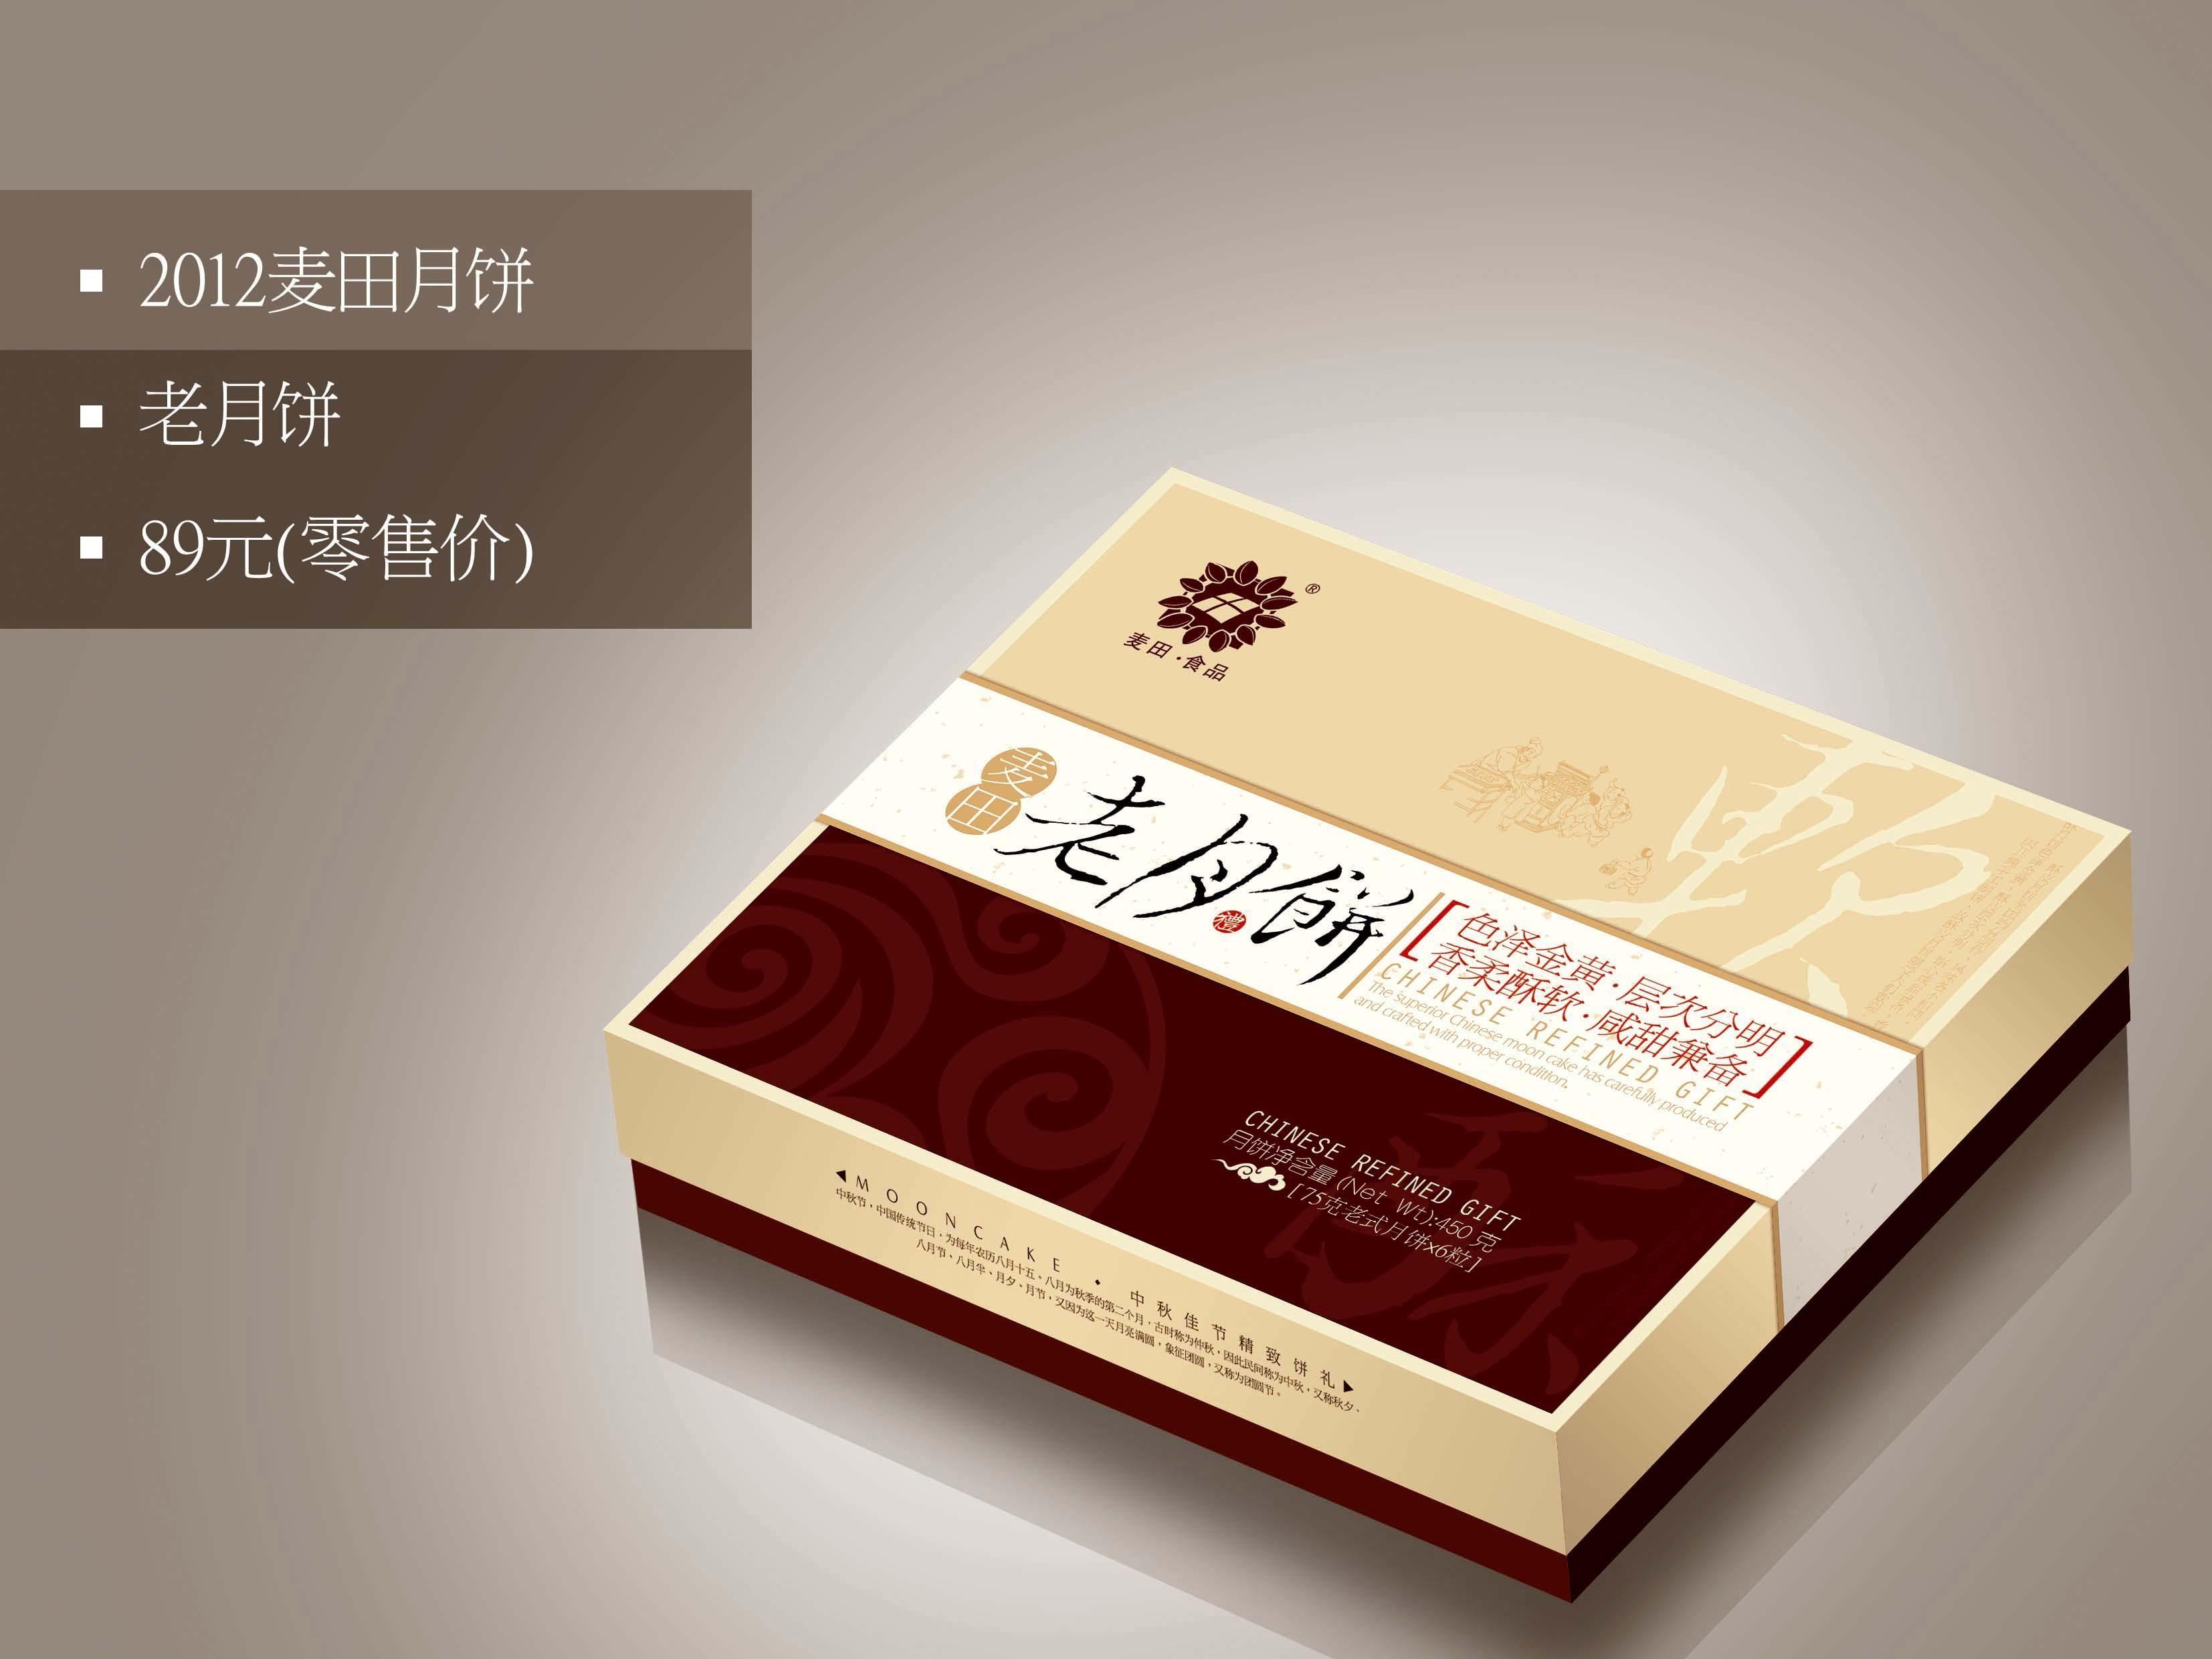 麦田月饼包装12345678910111213案例图片 - 设计师锦